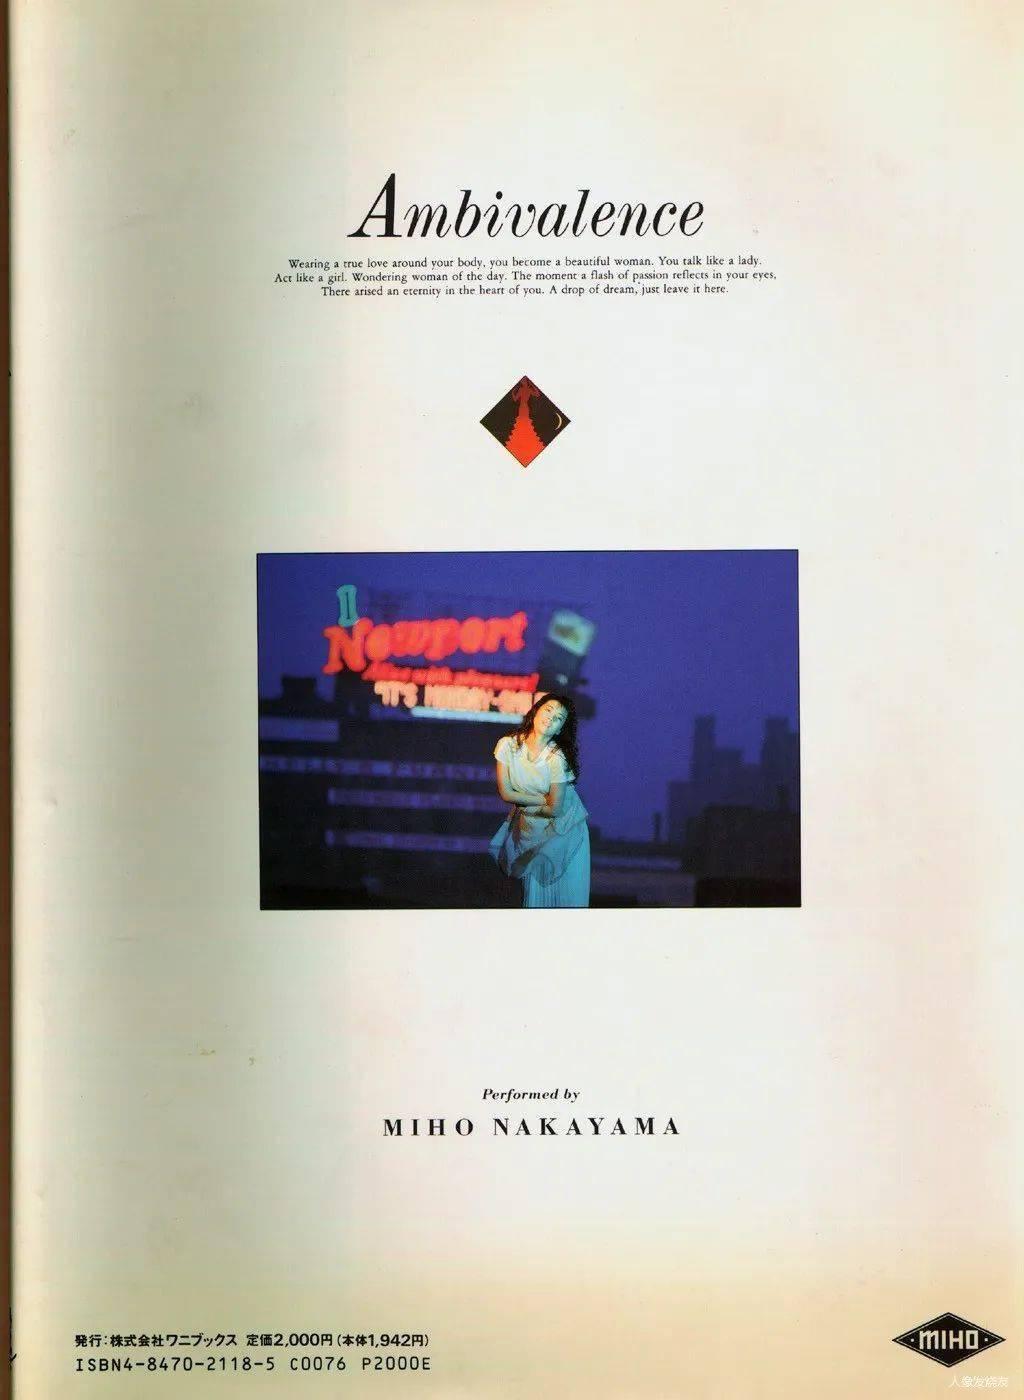 中山美穗写真集《Ambivalence》